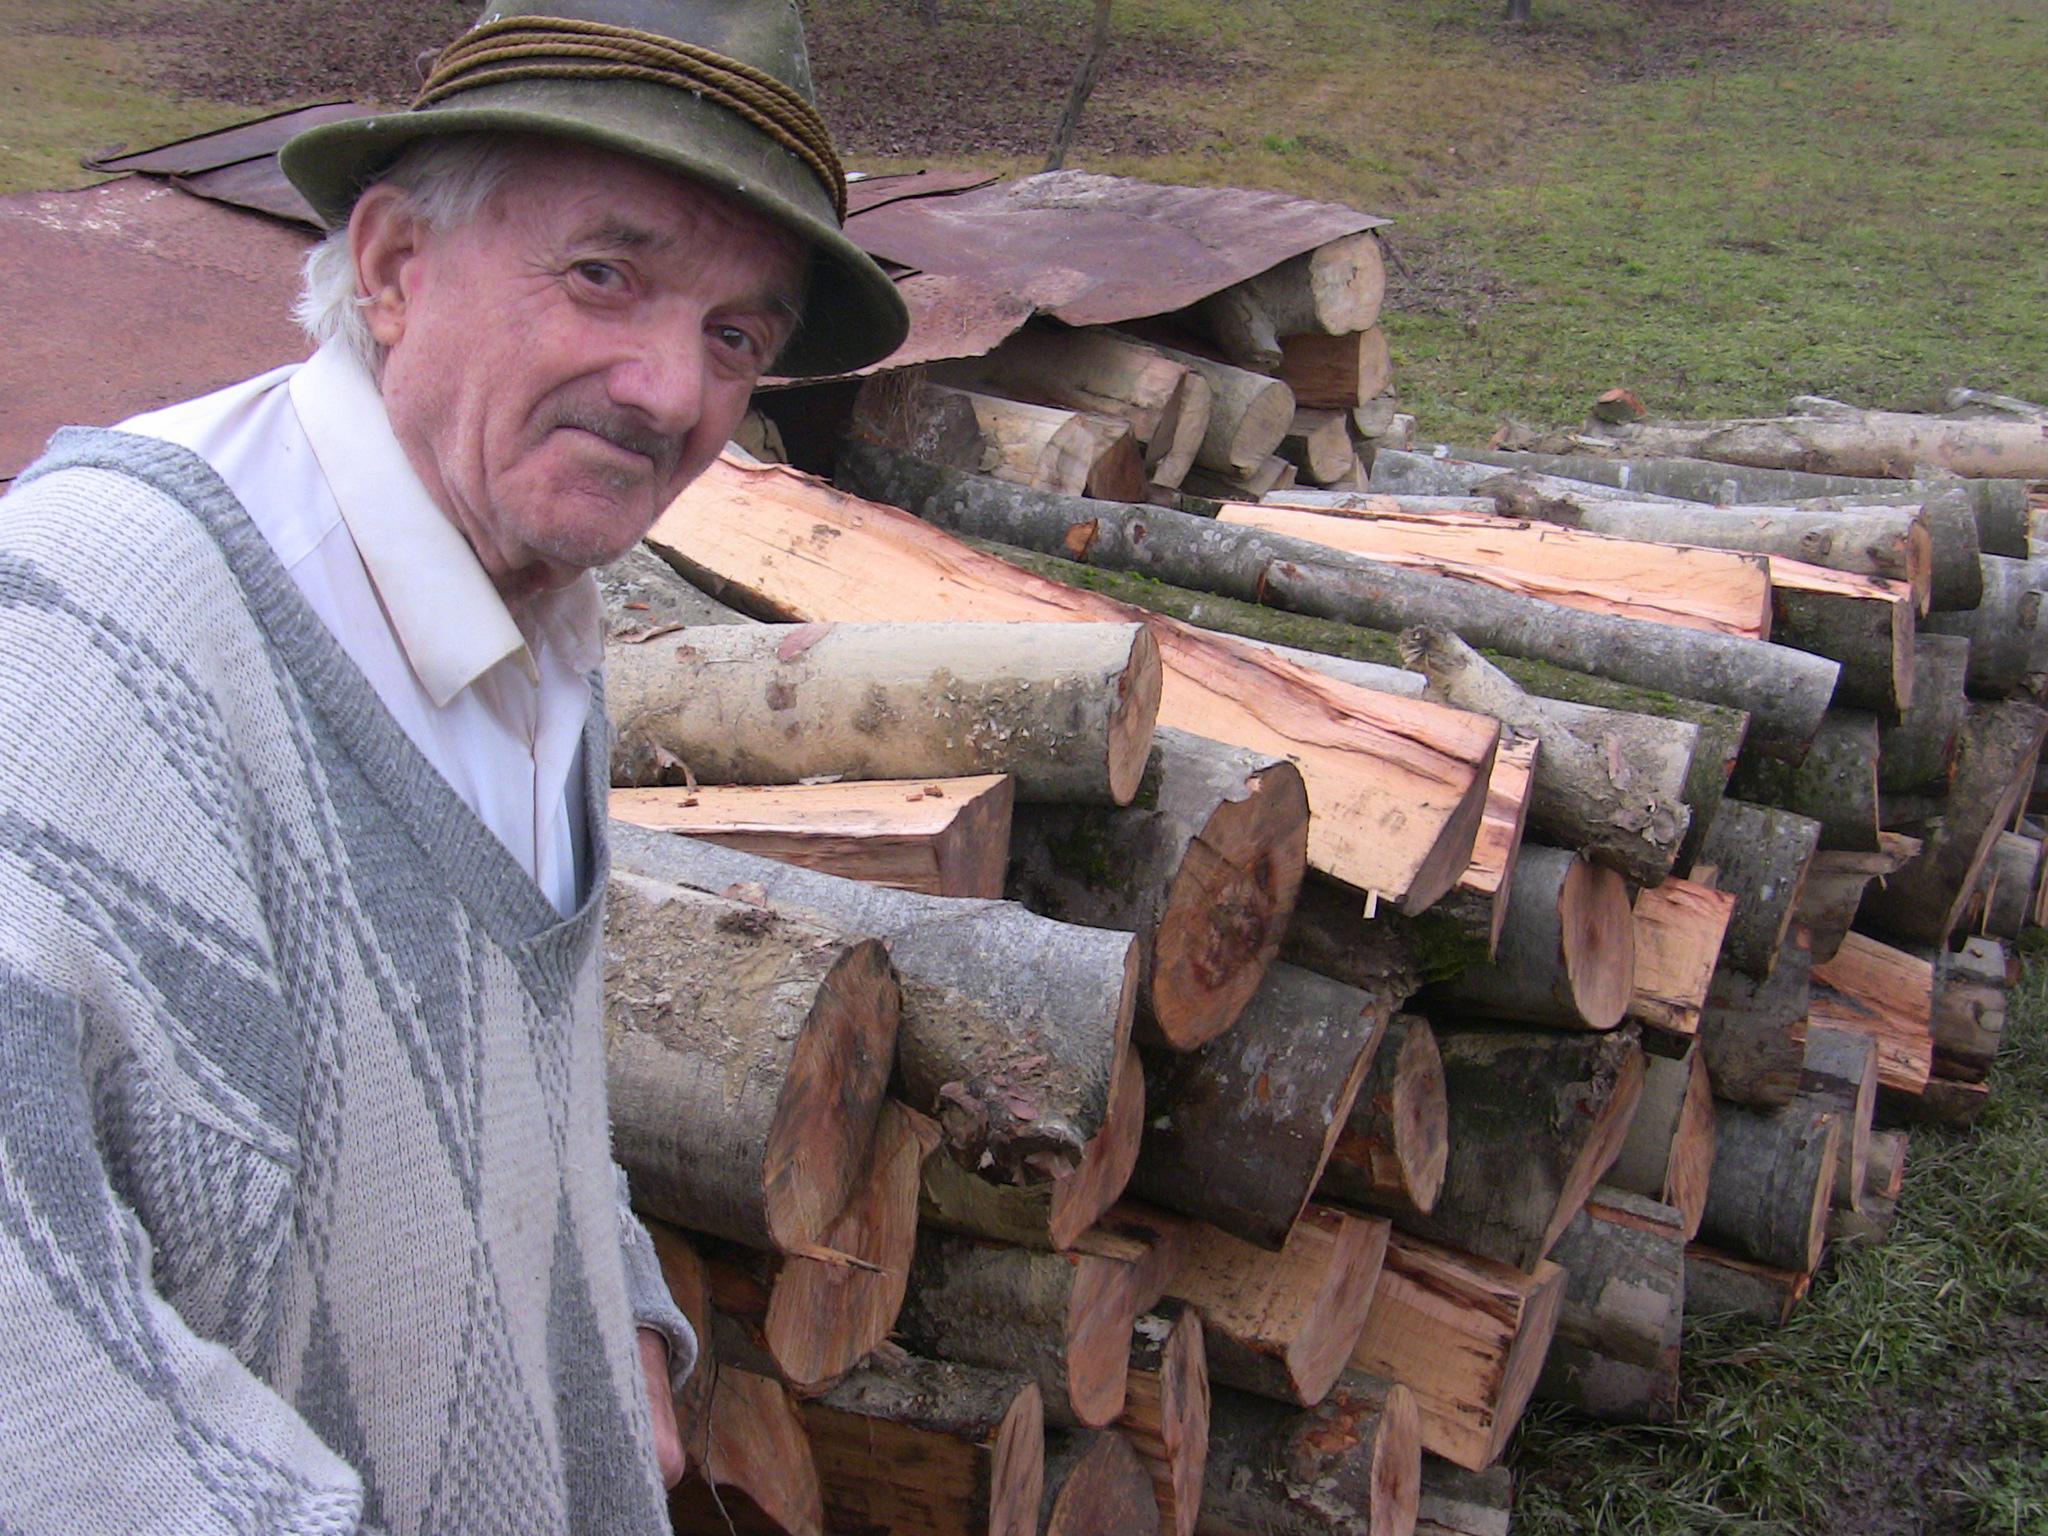 VEZI VIDEO – 15 familii sarace si batrani singuri au primit lemne de foc pentru iarna